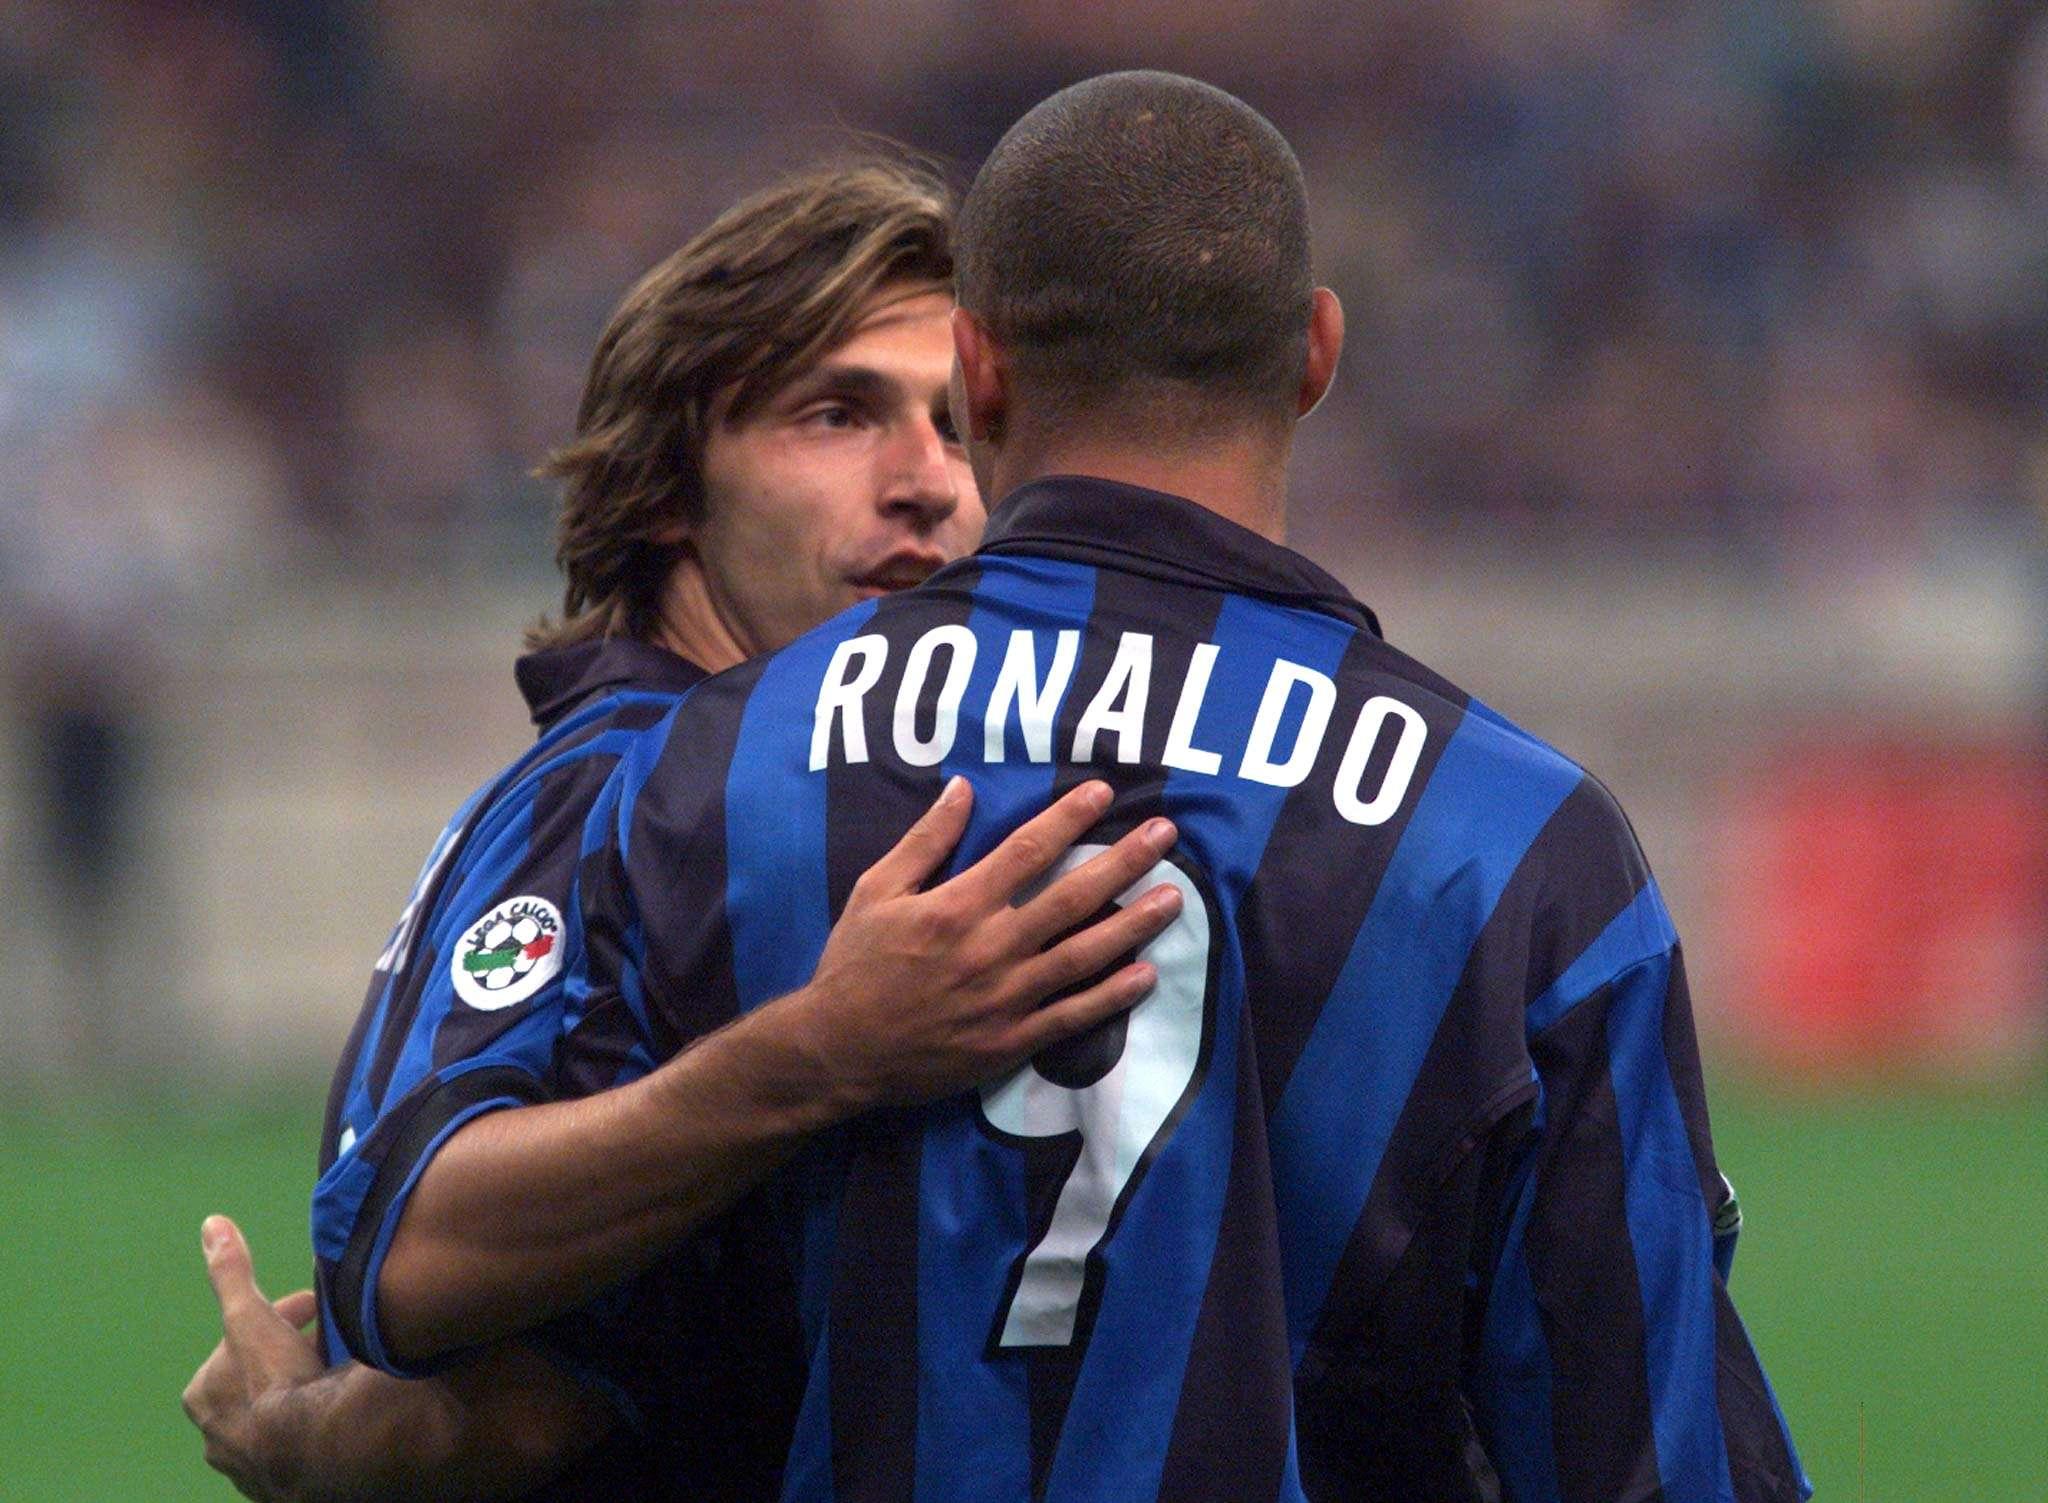 Cet homme aux cheveux longs qui a connu Ronaldo, le vrai., ici sous les couleurs de l'Inter. Andrea Pirlo a disputé son premier match professionnel en 1995, avec Brescia.